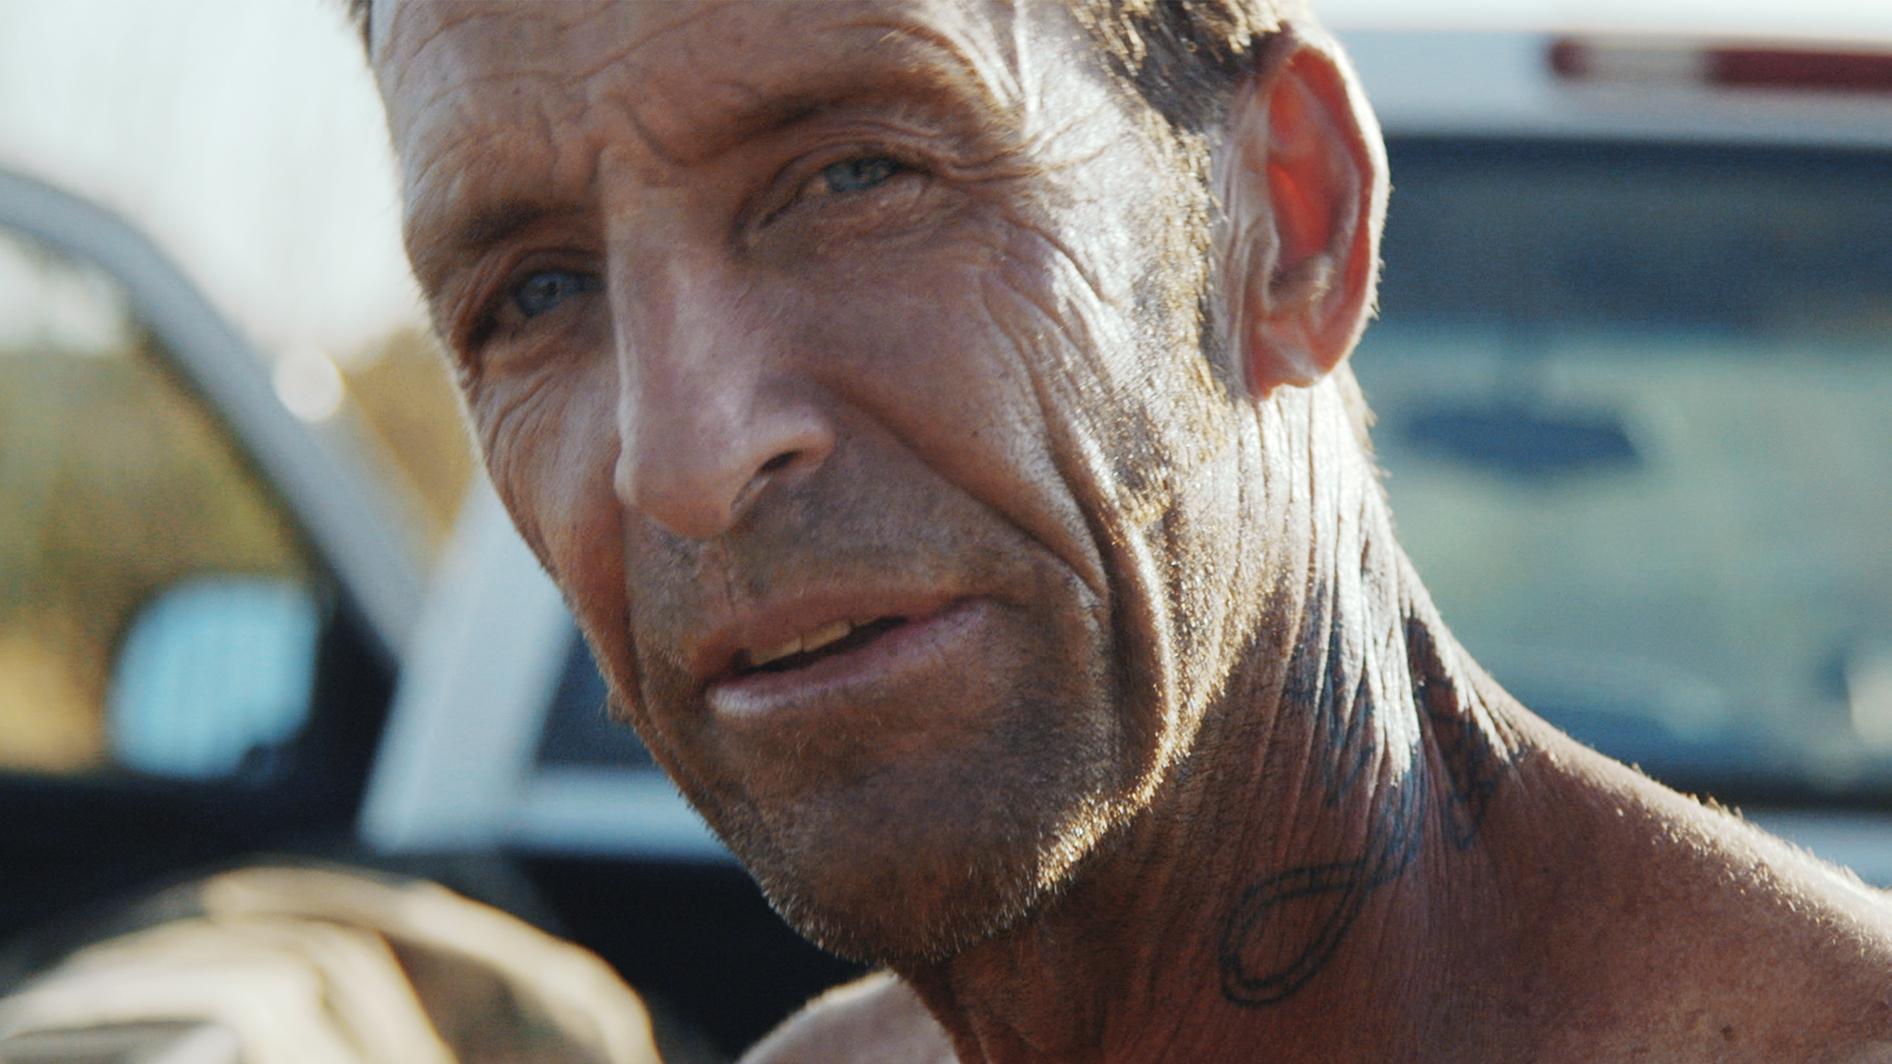 #2 - Tim _Nailer_ Foley in CARTEL LAND, a film by Matthew Heineman.jpg